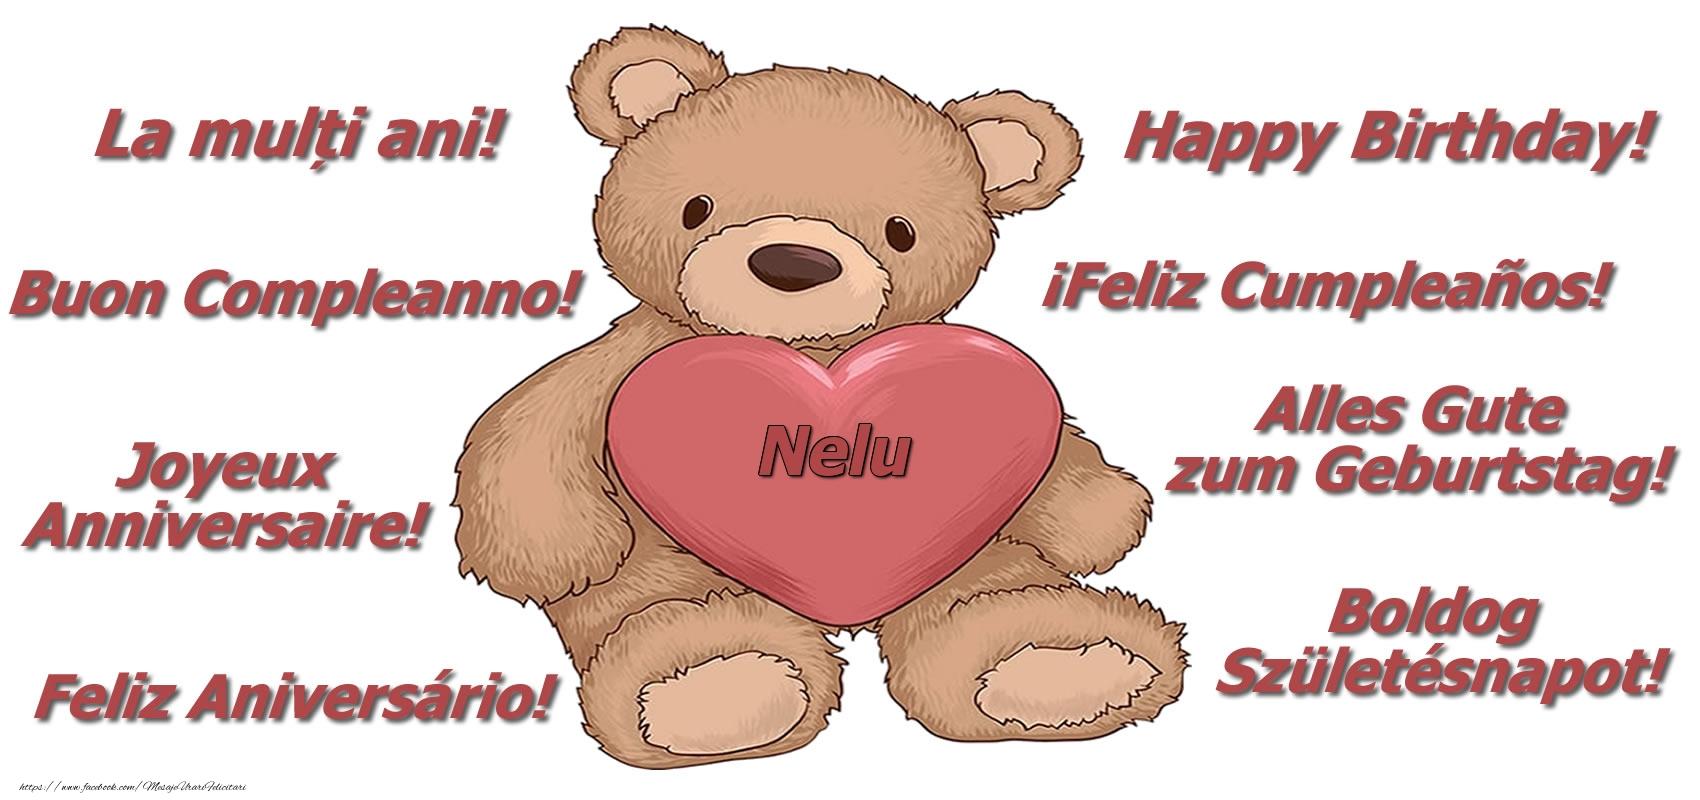 Felicitari de zi de nastere - La multi ani Nelu! - Ursulet